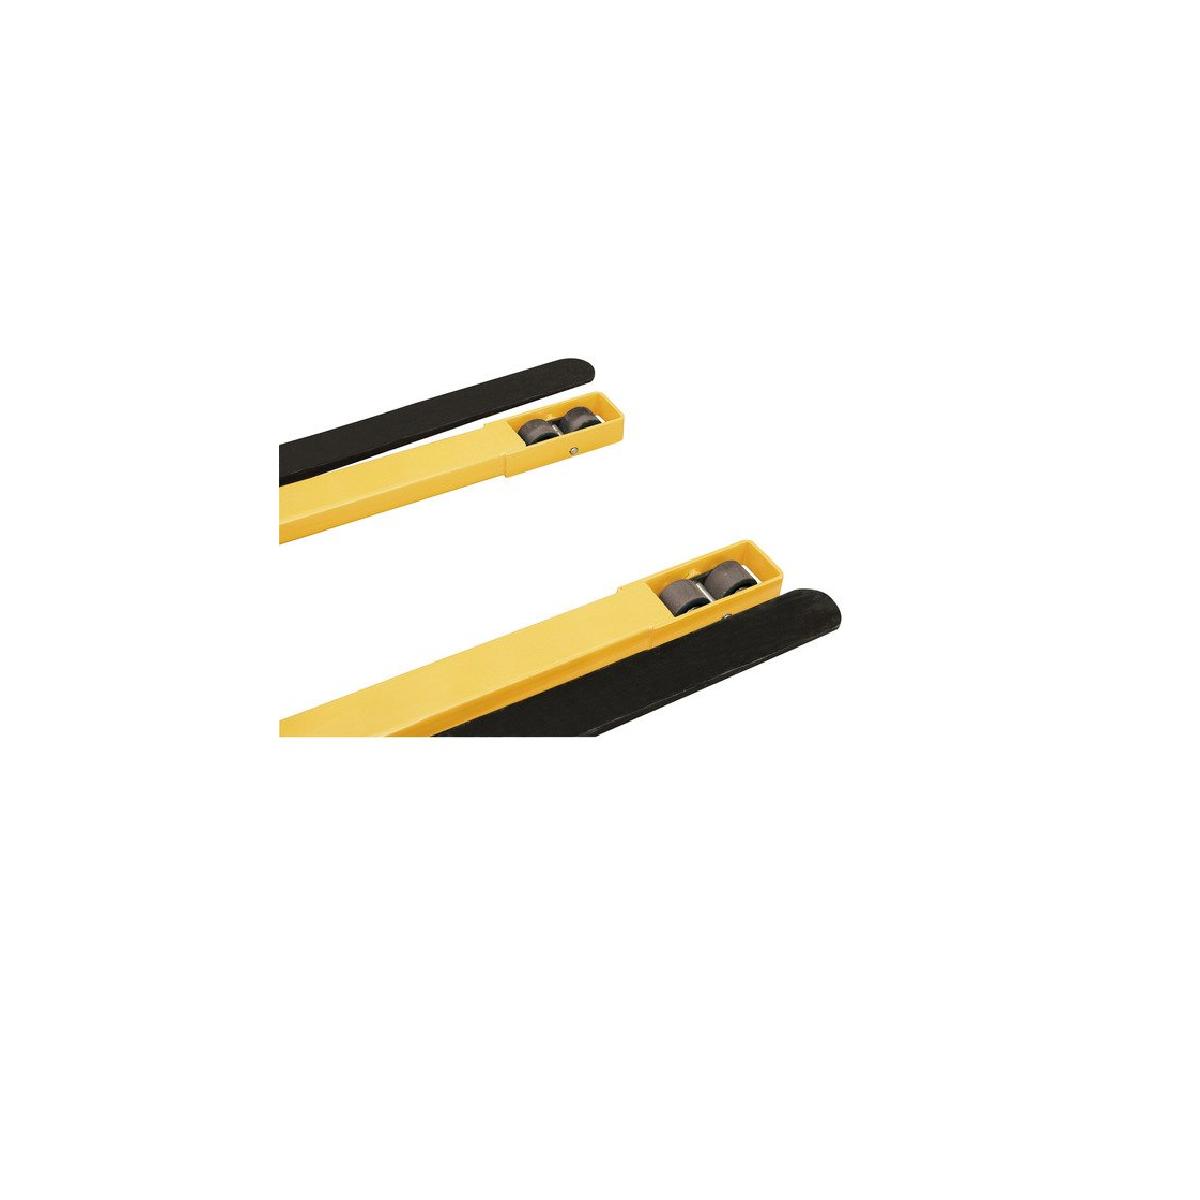 Empilhadeira manual garfo ajustável 1 tonelada(1,0 tf) EMN101 VONDER